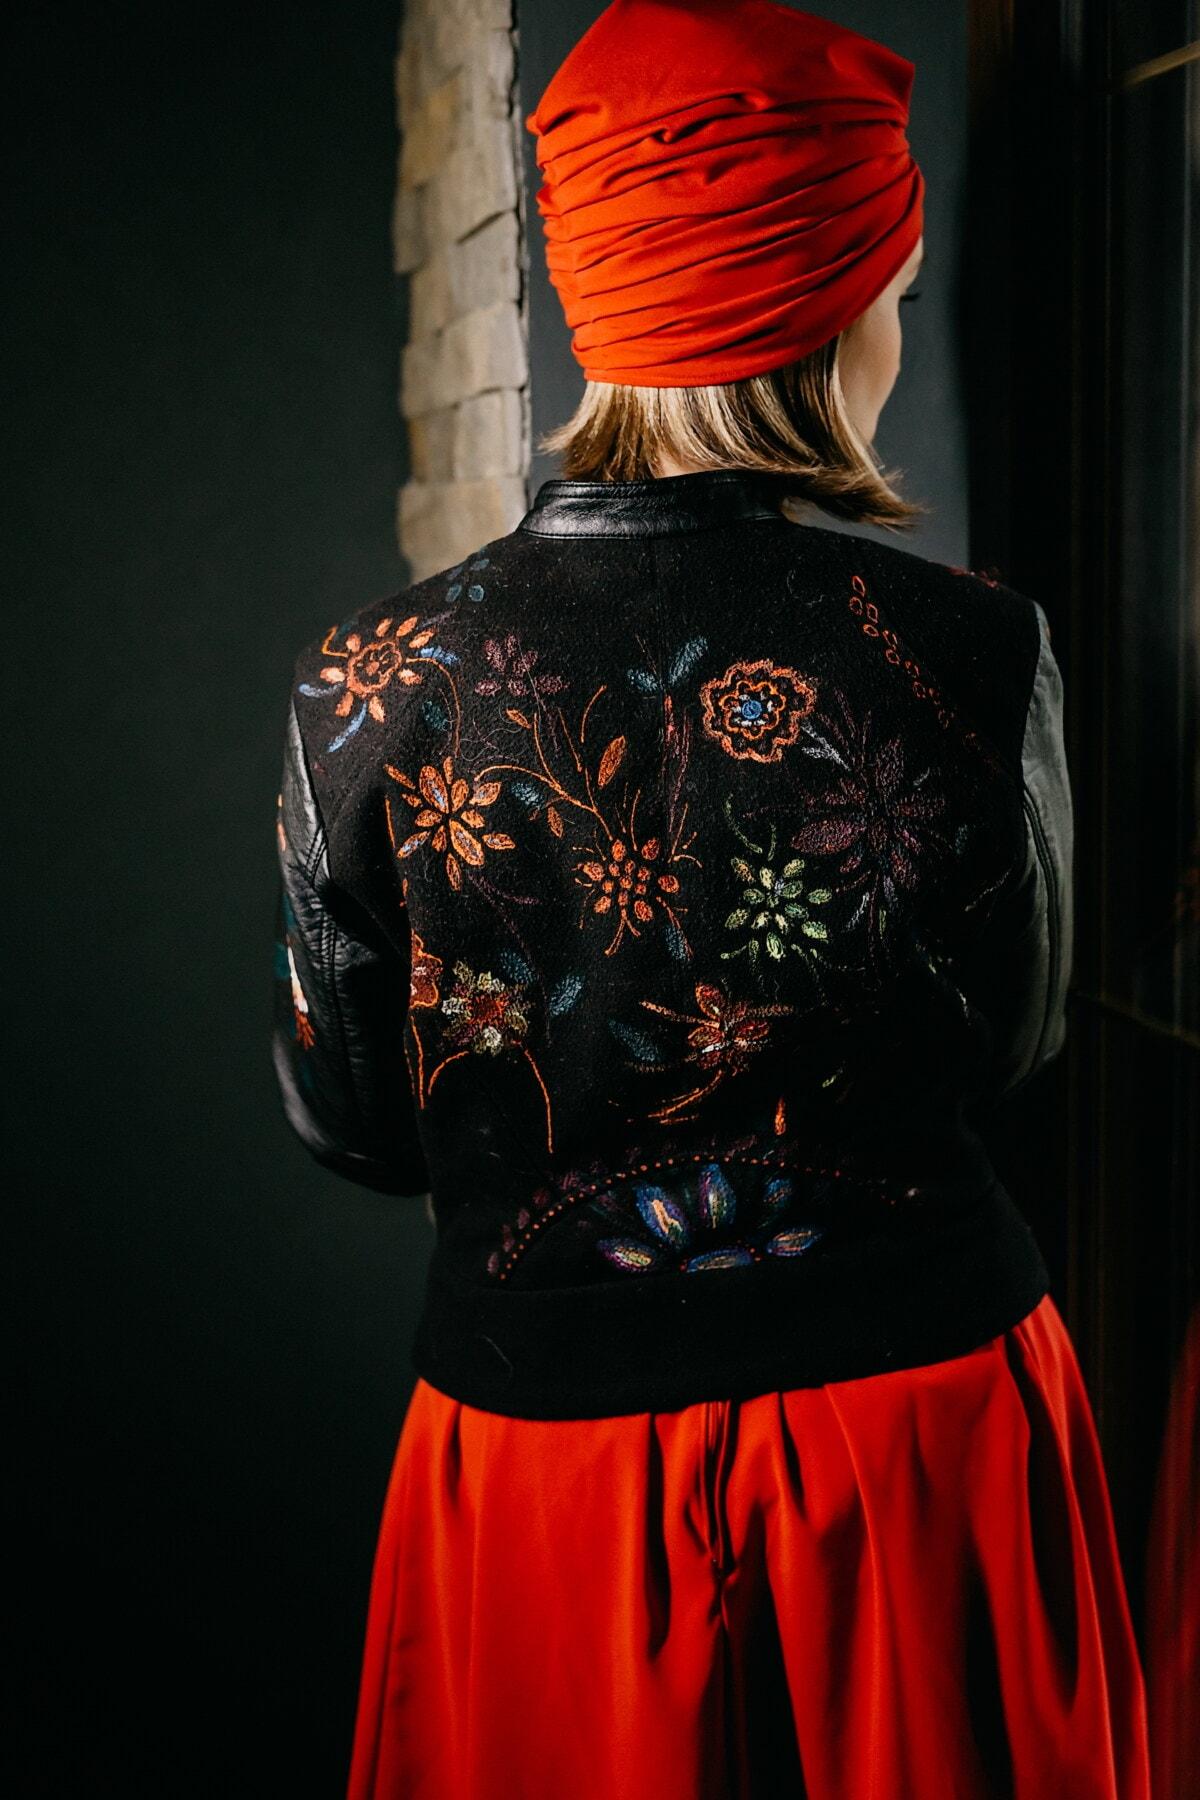 röd, halsduk, trendiga, läder, jacka, handgjorda, design, konstnärliga, vintage, flicka